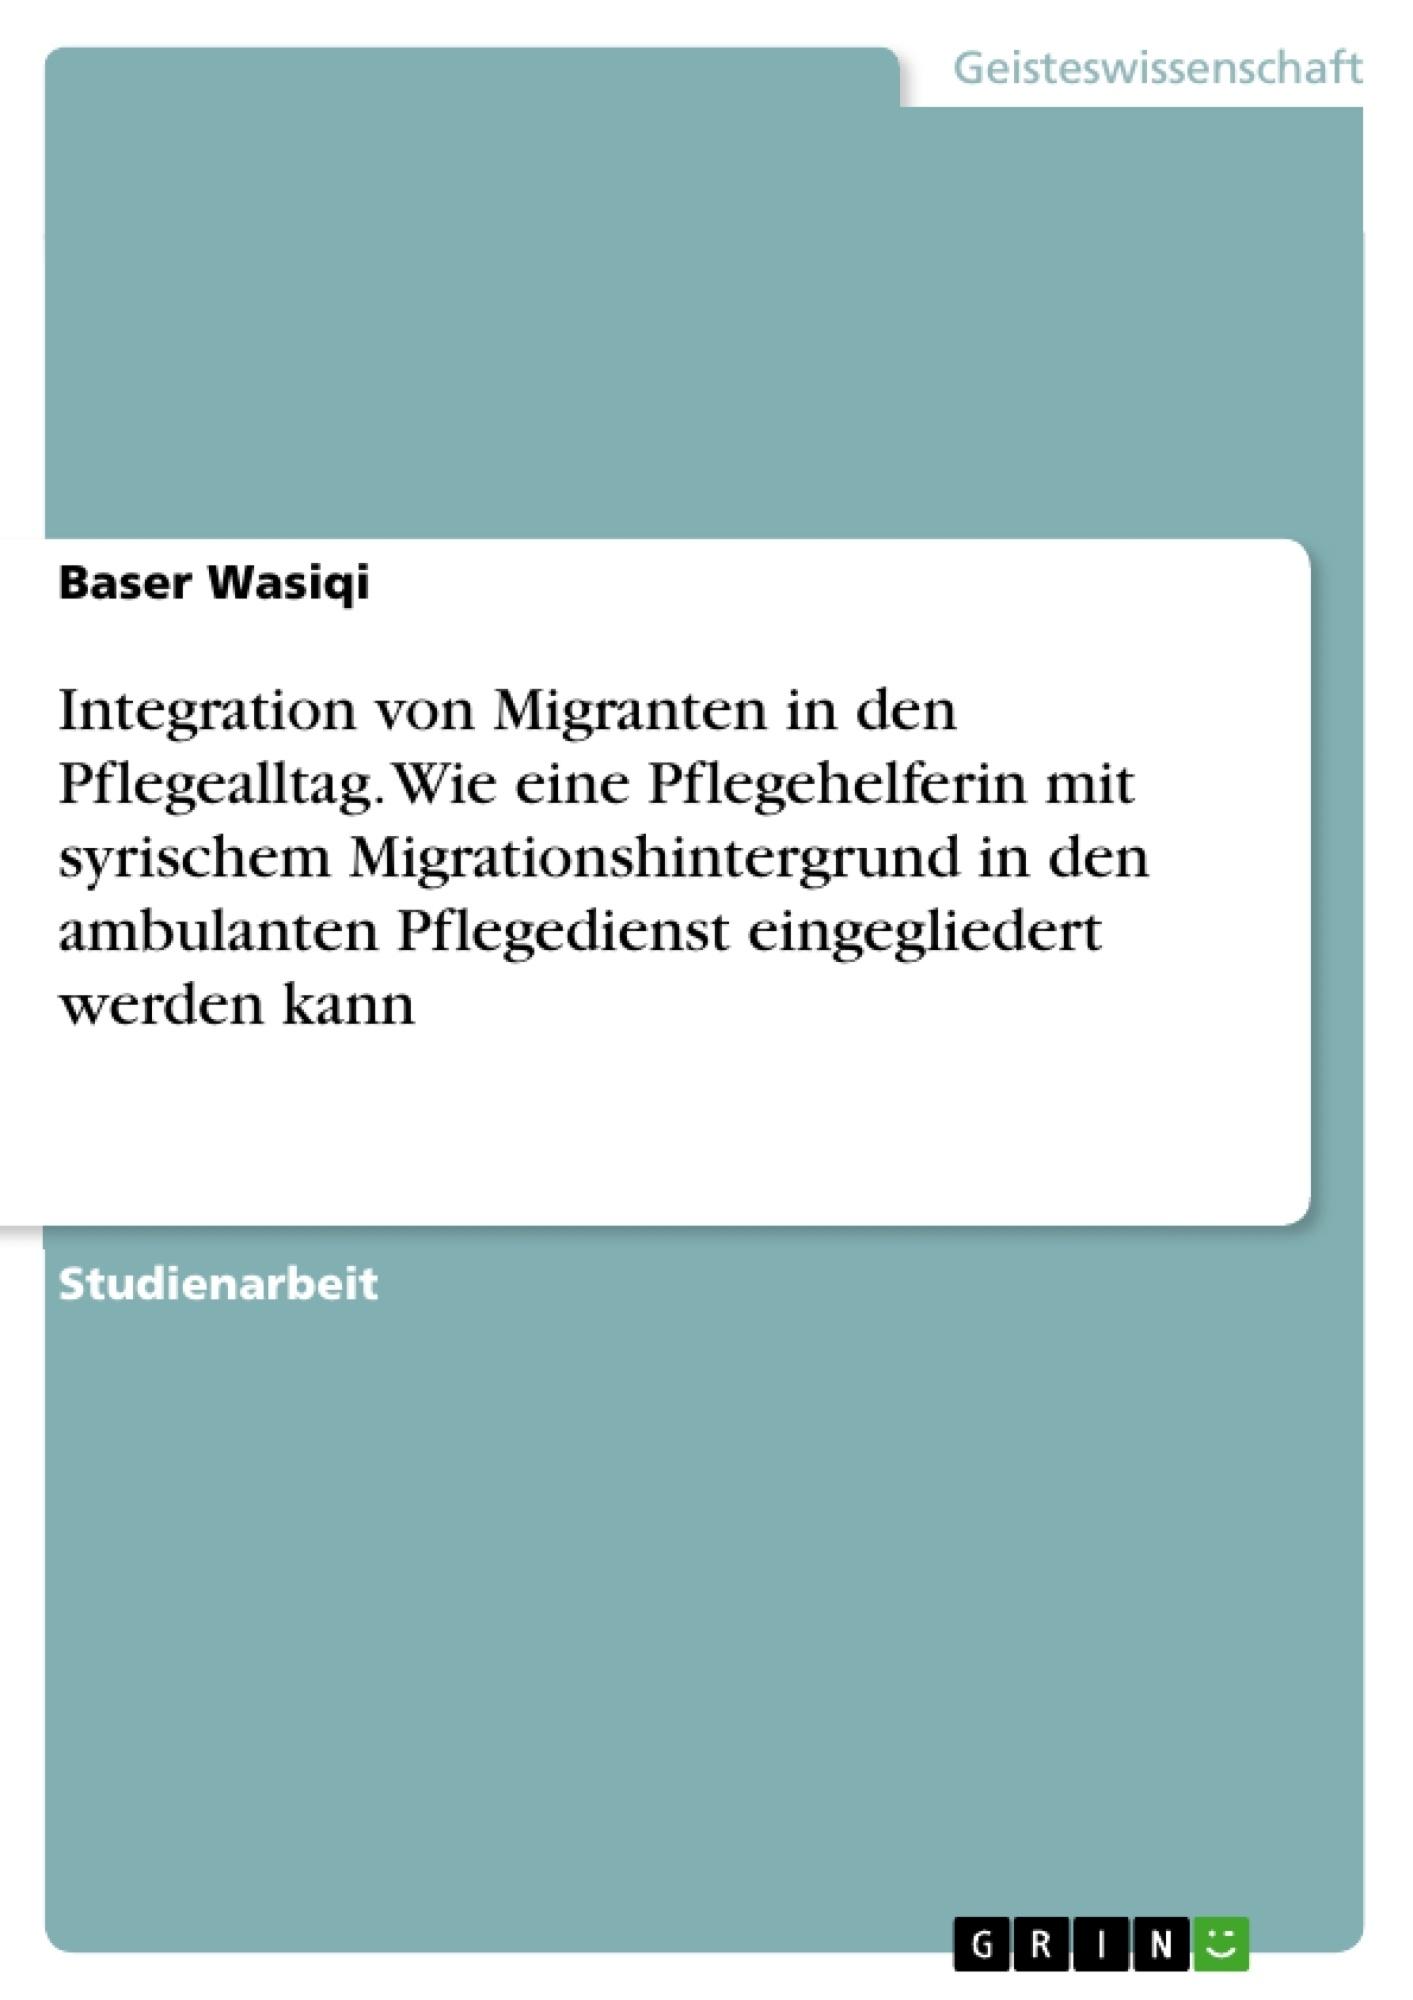 Titel: Integration von Migranten in den Pflegealltag. Wie eine Pflegehelferin mit syrischem Migrationshintergrund in den ambulanten Pflegedienst eingegliedert werden kann